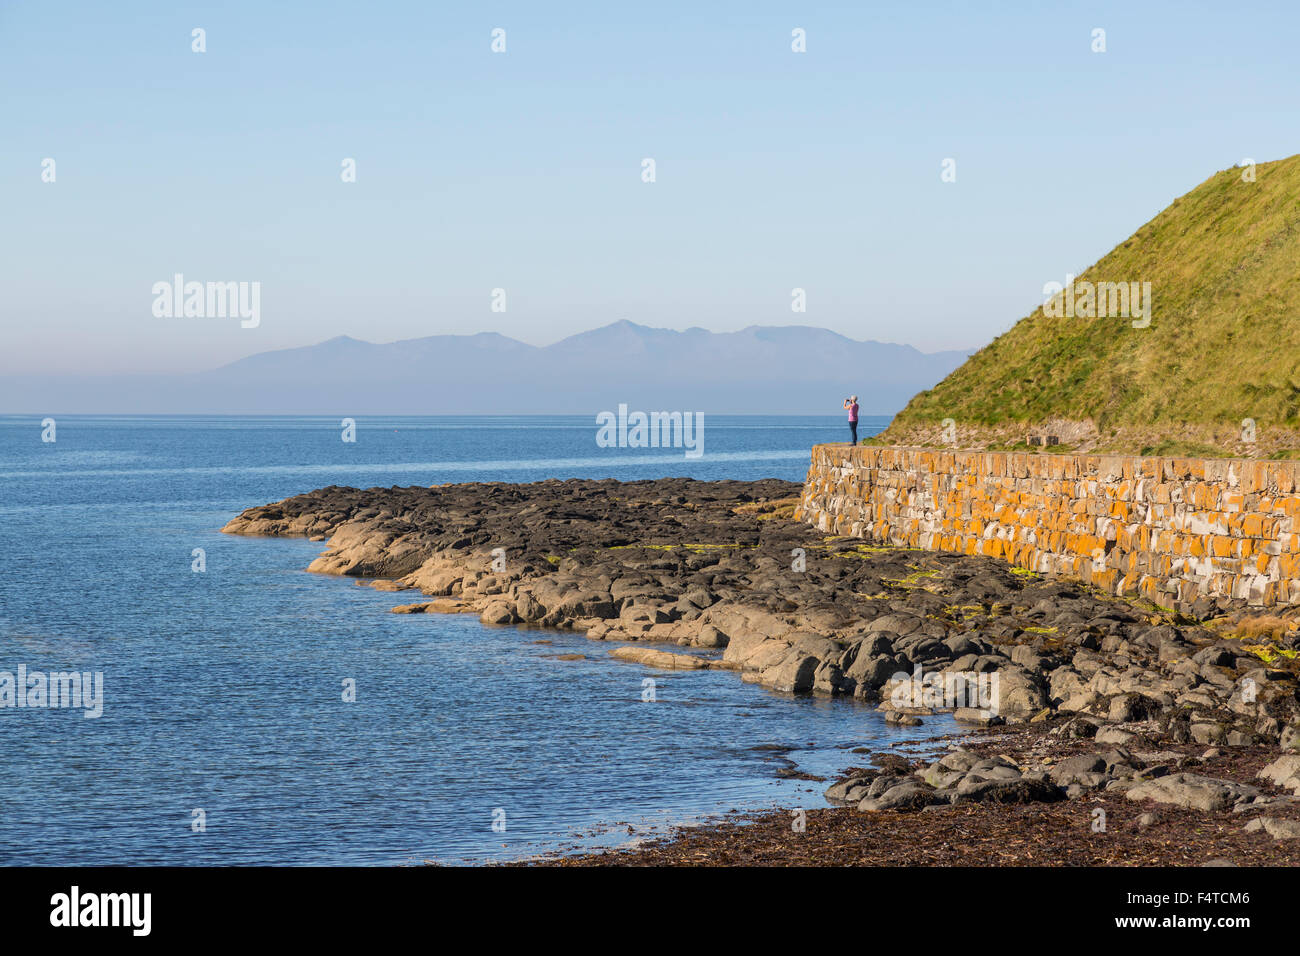 Wandern auf dem Ayrshire Coastal Path, Troon, Schottland, Großbritannien Stockfoto